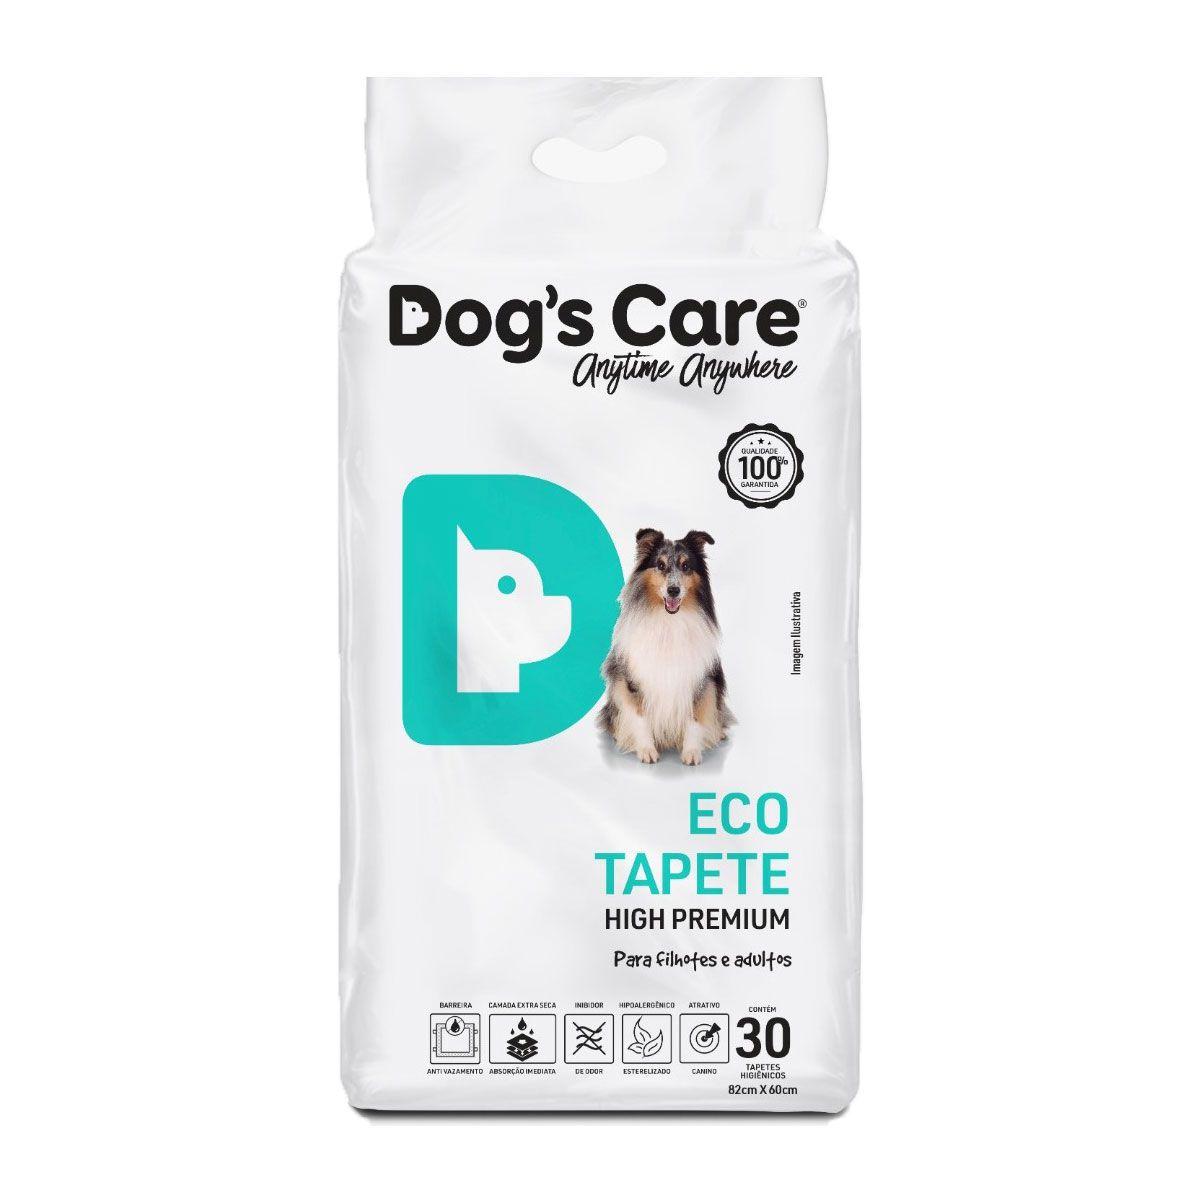 Kit Filhotes e Cães Iniciantes no Tapete Higiênico Descartável Dog's Care